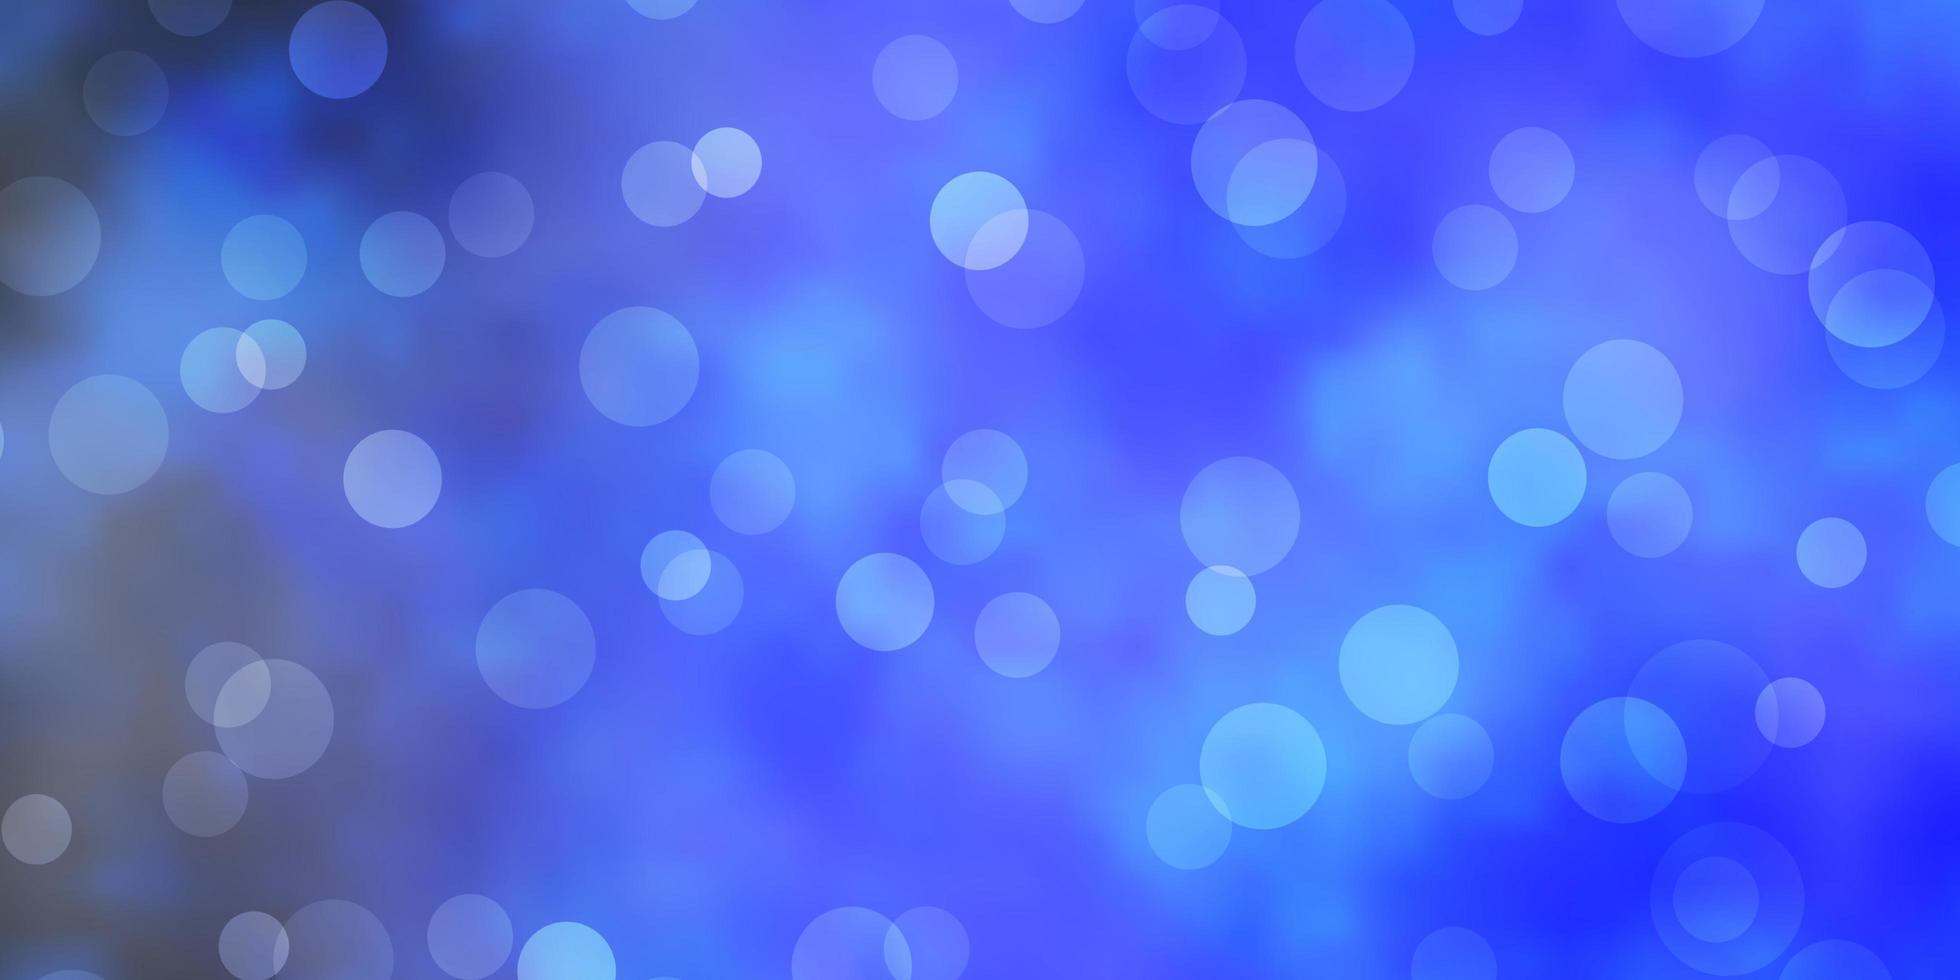 plantilla azul con círculos. vector